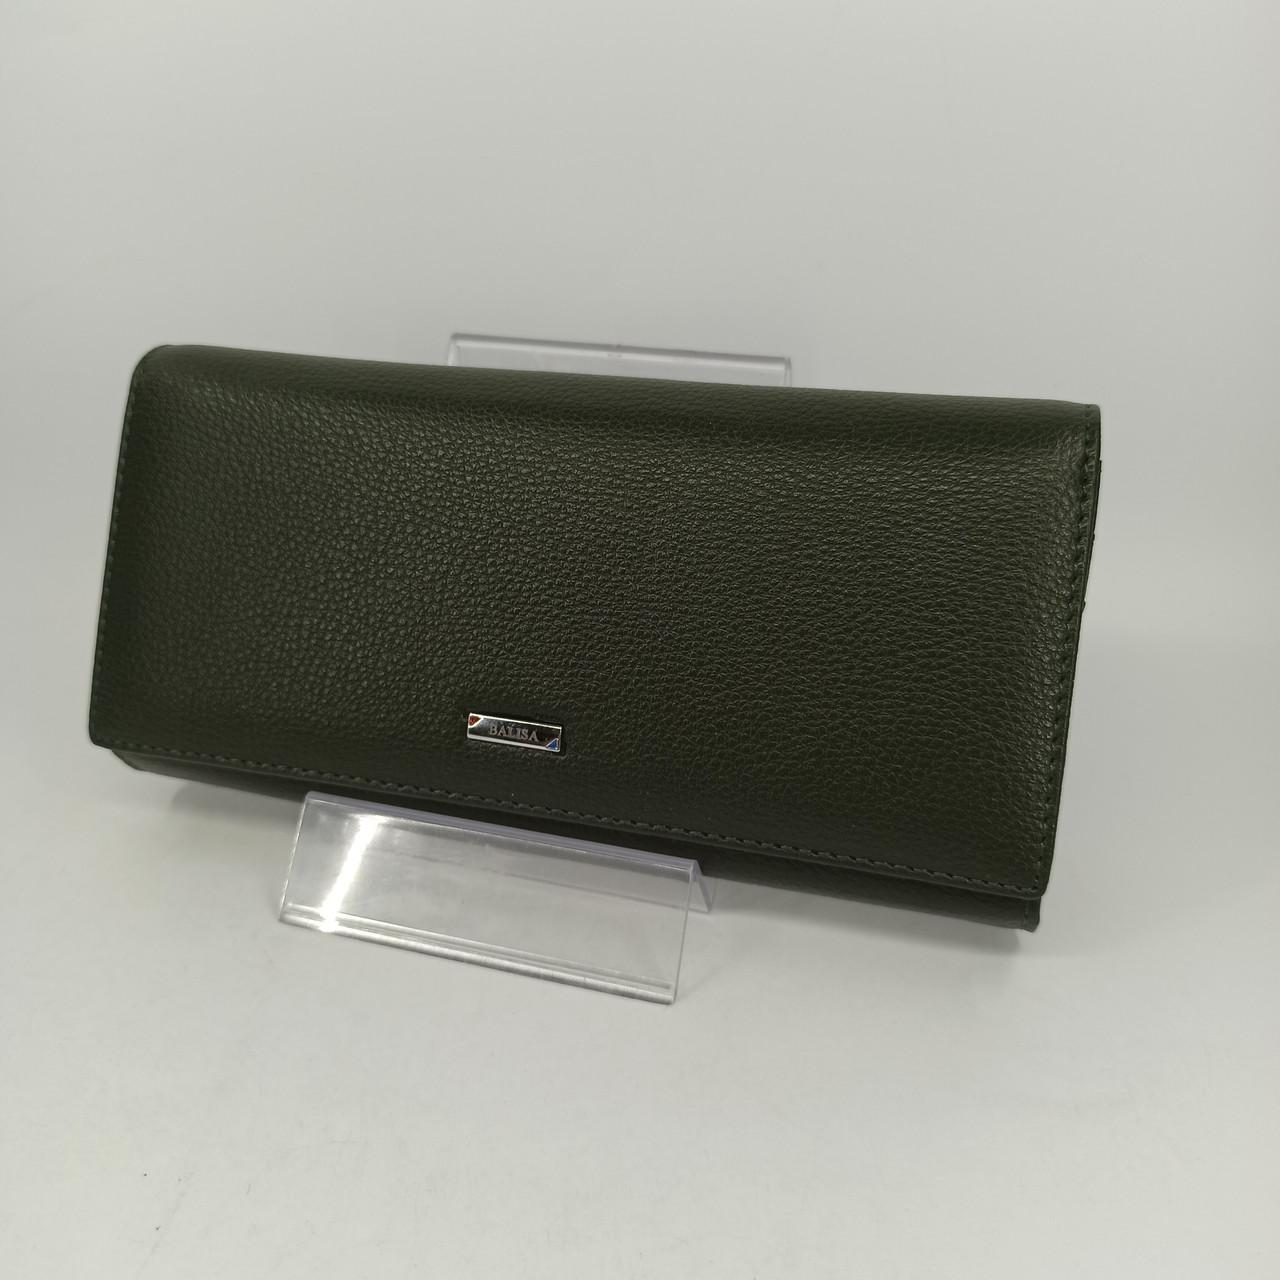 Класичний жіночий гаманець / Классический женский кошелек Balisa C8806-030 green